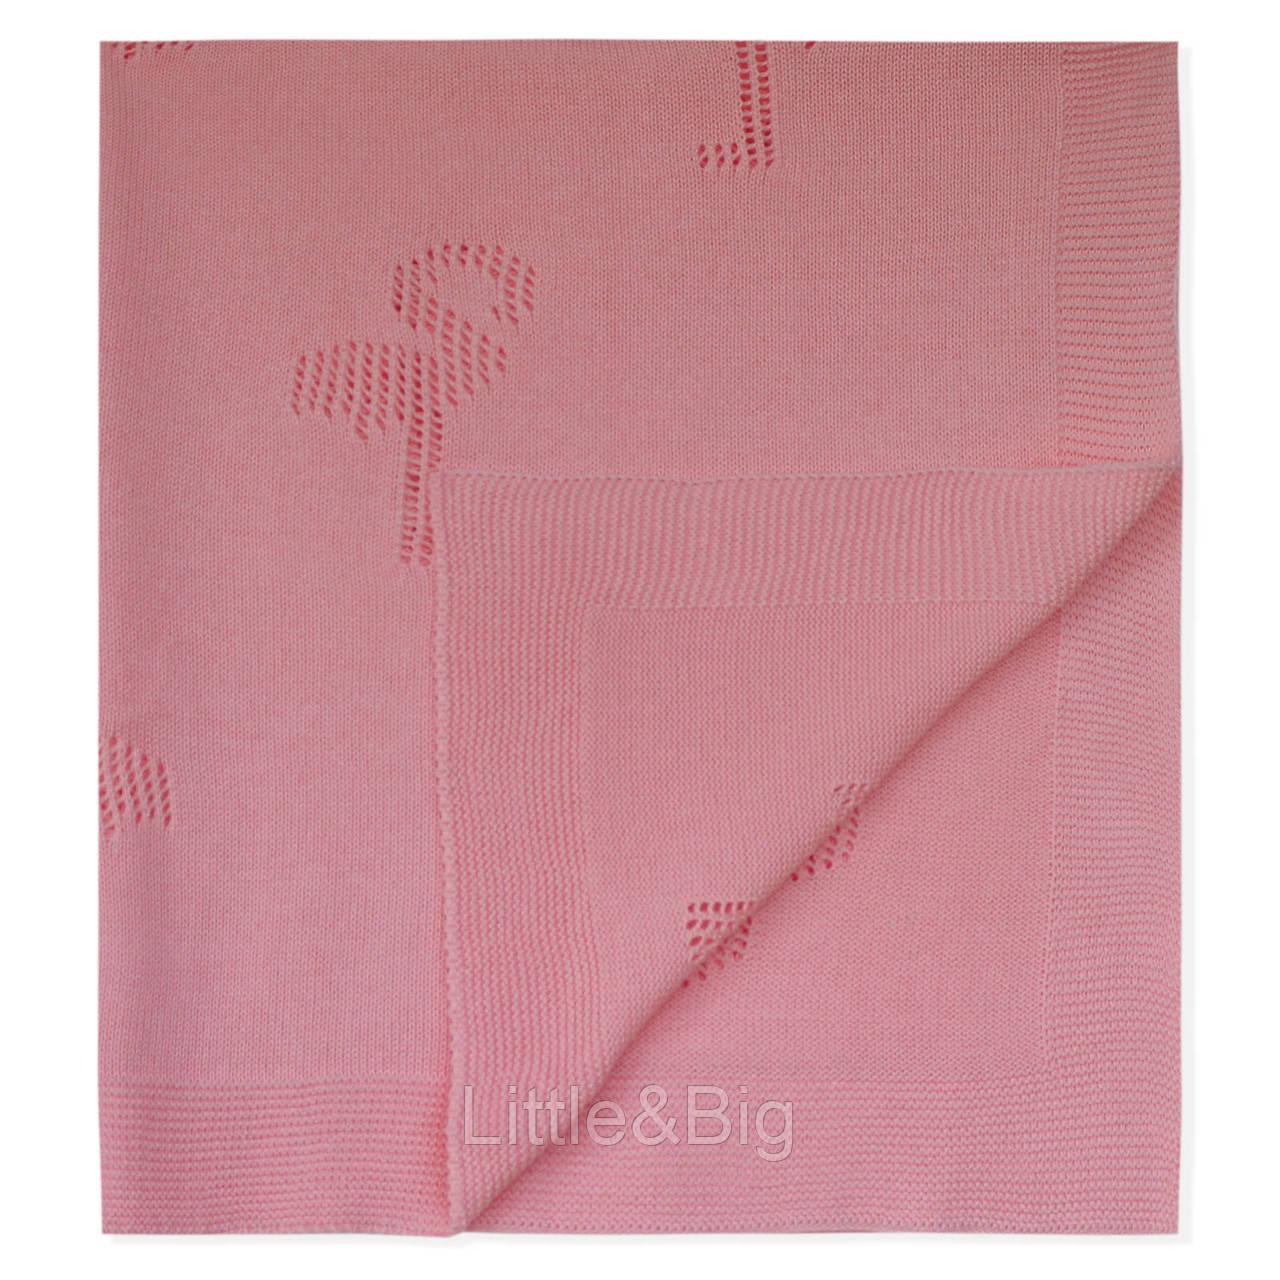 Вязаный плед, детский. Фламинго, персиковый. 90*90